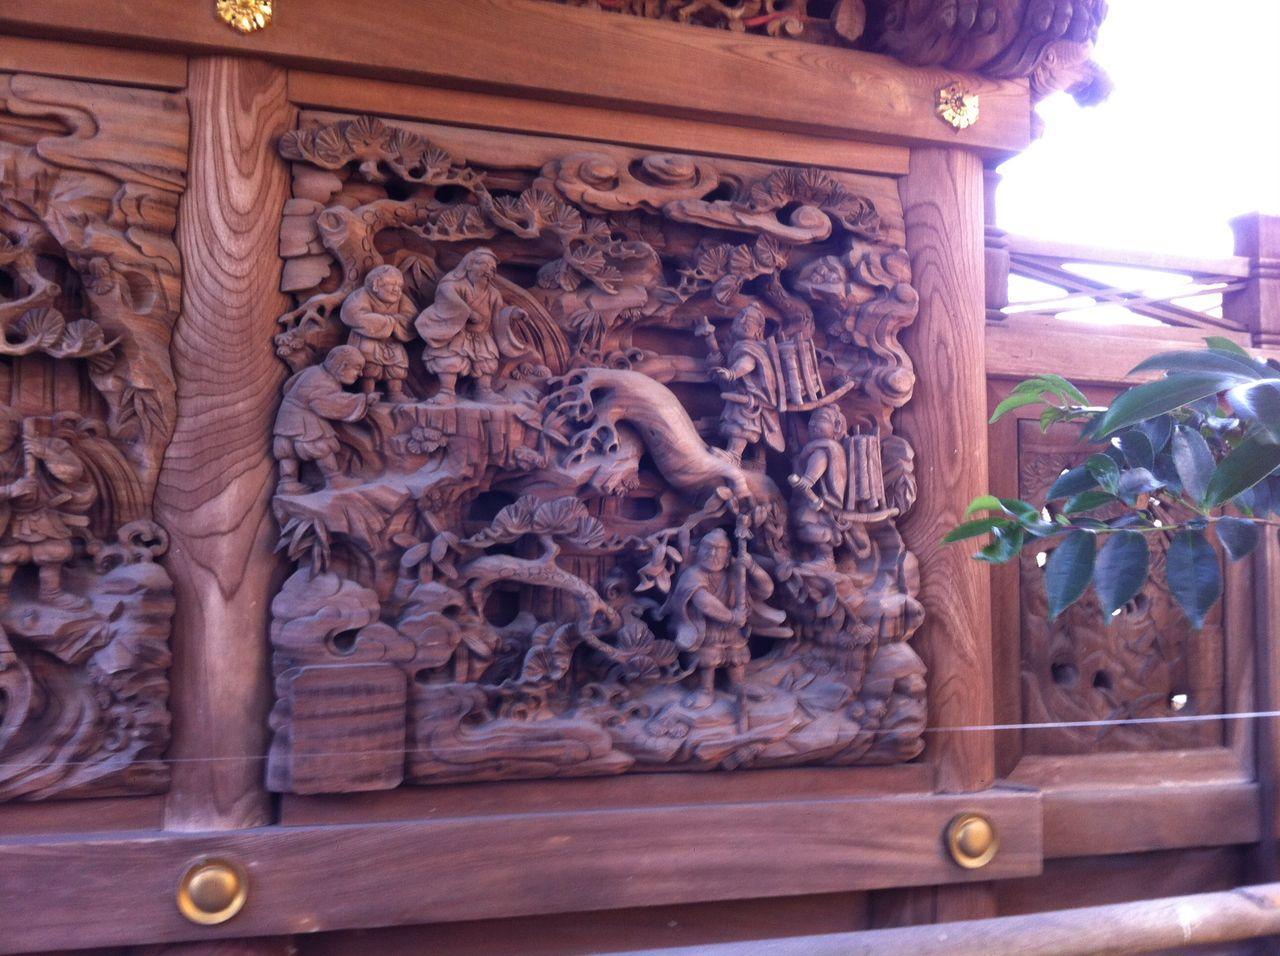 北面の、源頼光と家来の四天王の一行が山伏に変装して大江山の酒呑童士(しゅてんどうじ)の鬼退治に行く様子が彫られています